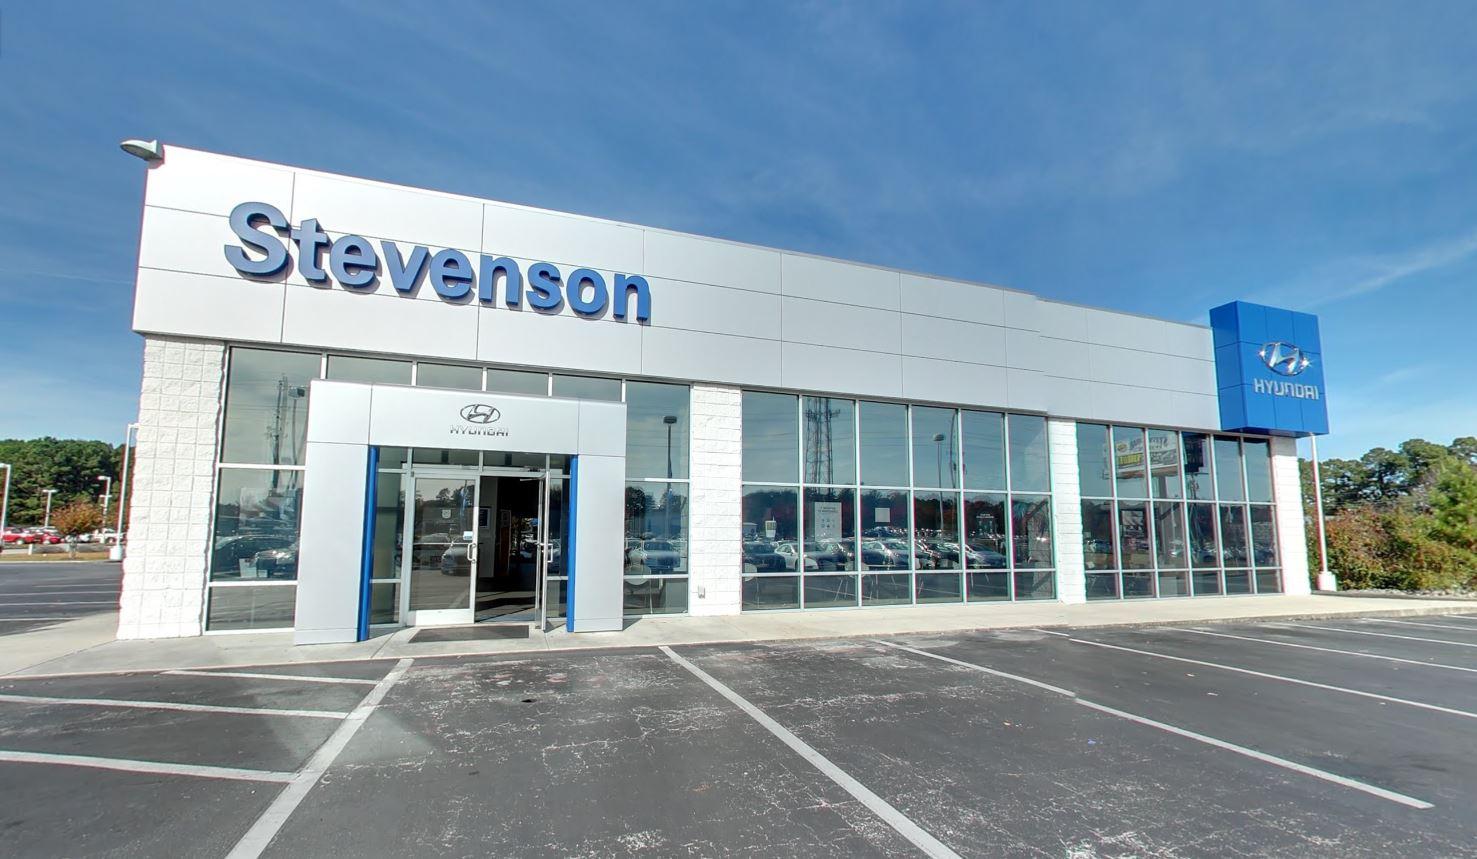 Stevenson Hyundai 01.JPG